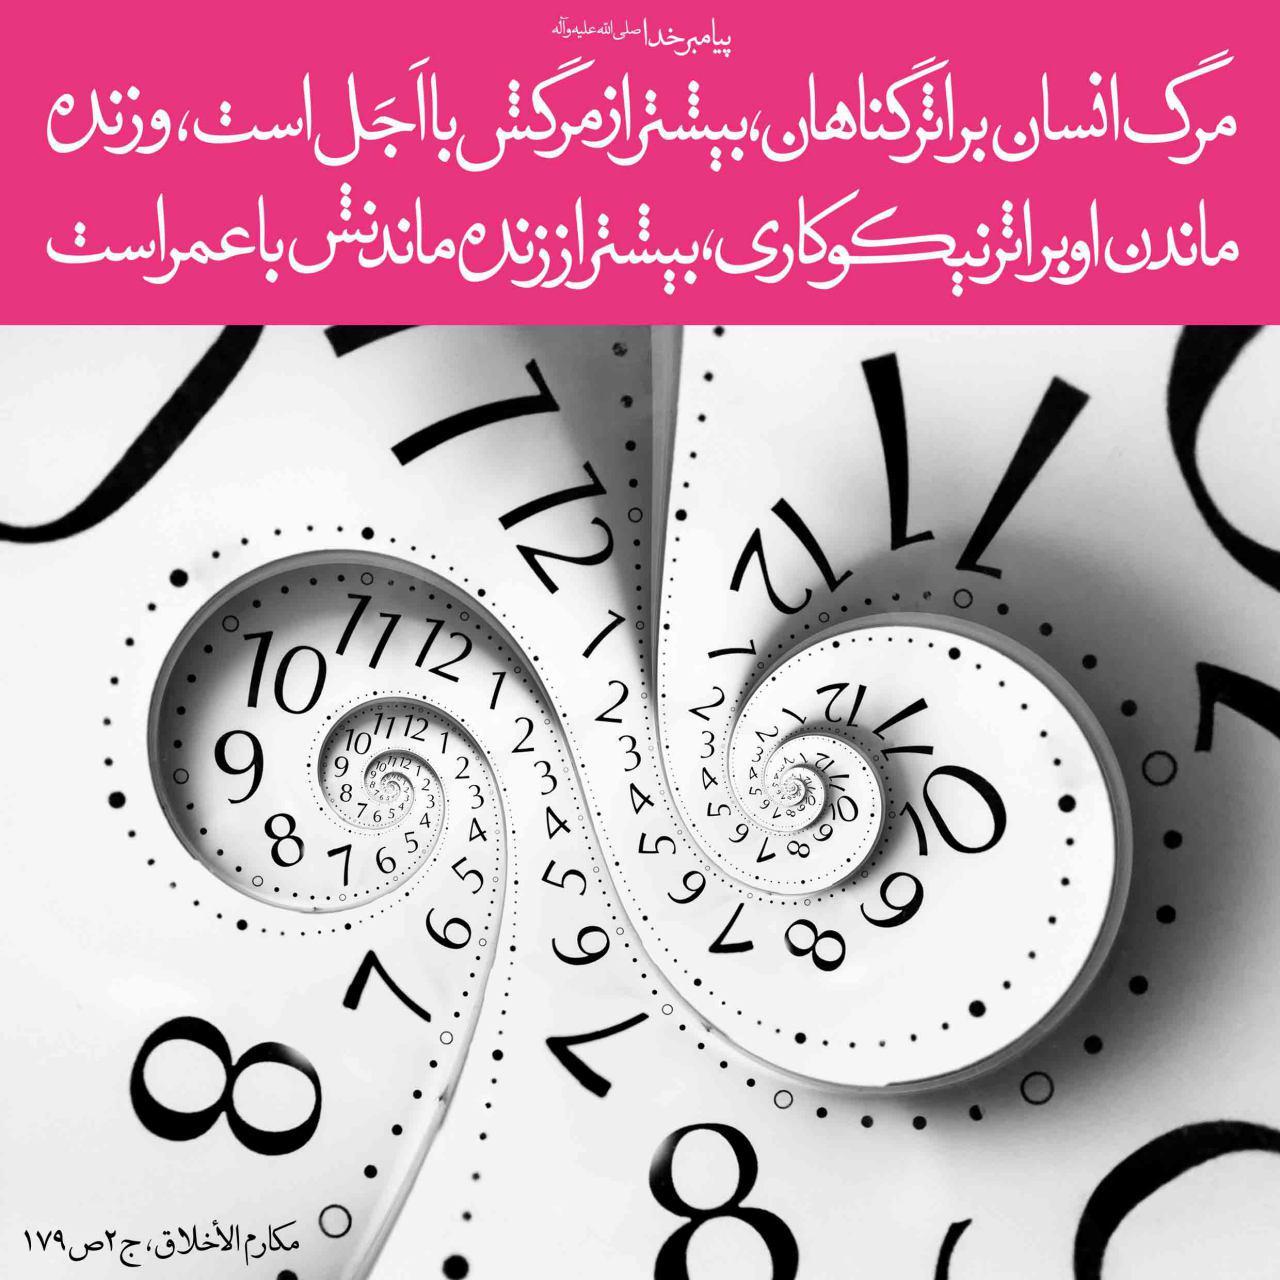 دربارهی امام حسین (علیه السّلام): ظهر محرّم (شعر)